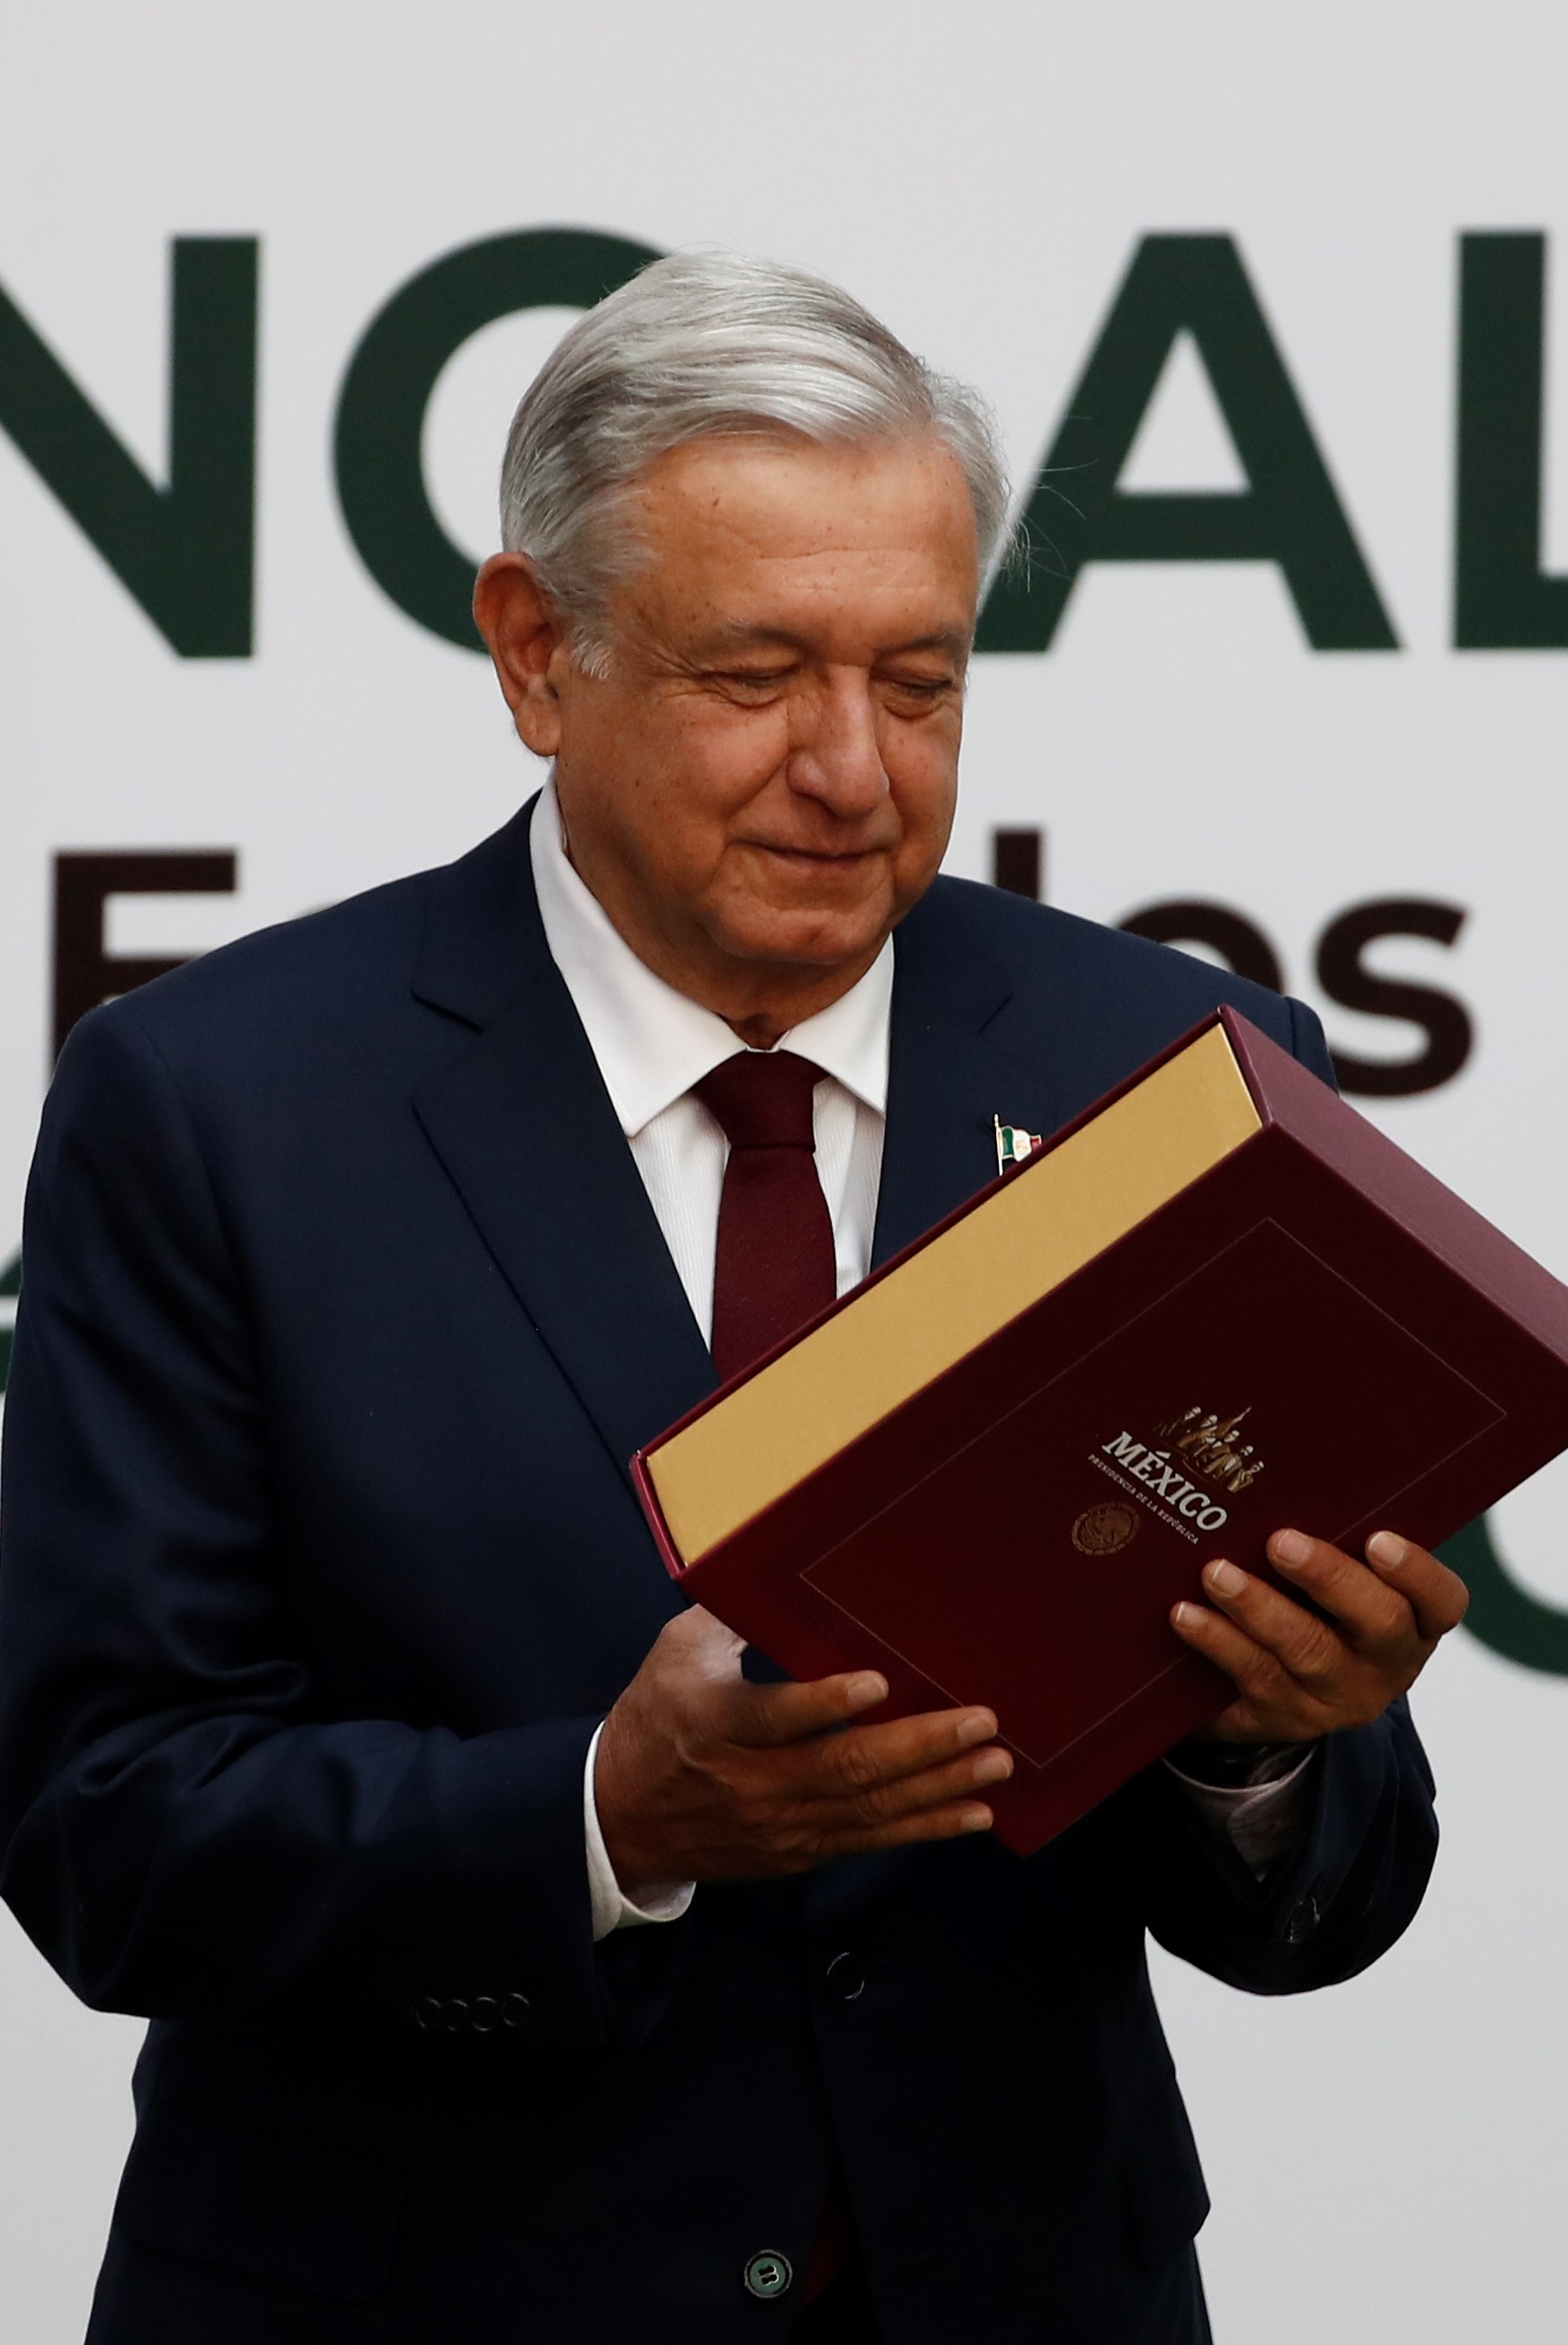 El presidente de México, Andrés Manuel López Obrador, presenta este domingo su primer informe de gobierno, en el Palacio Nacional, en Ciudad de México (México). Foto de EFE/José Méndez